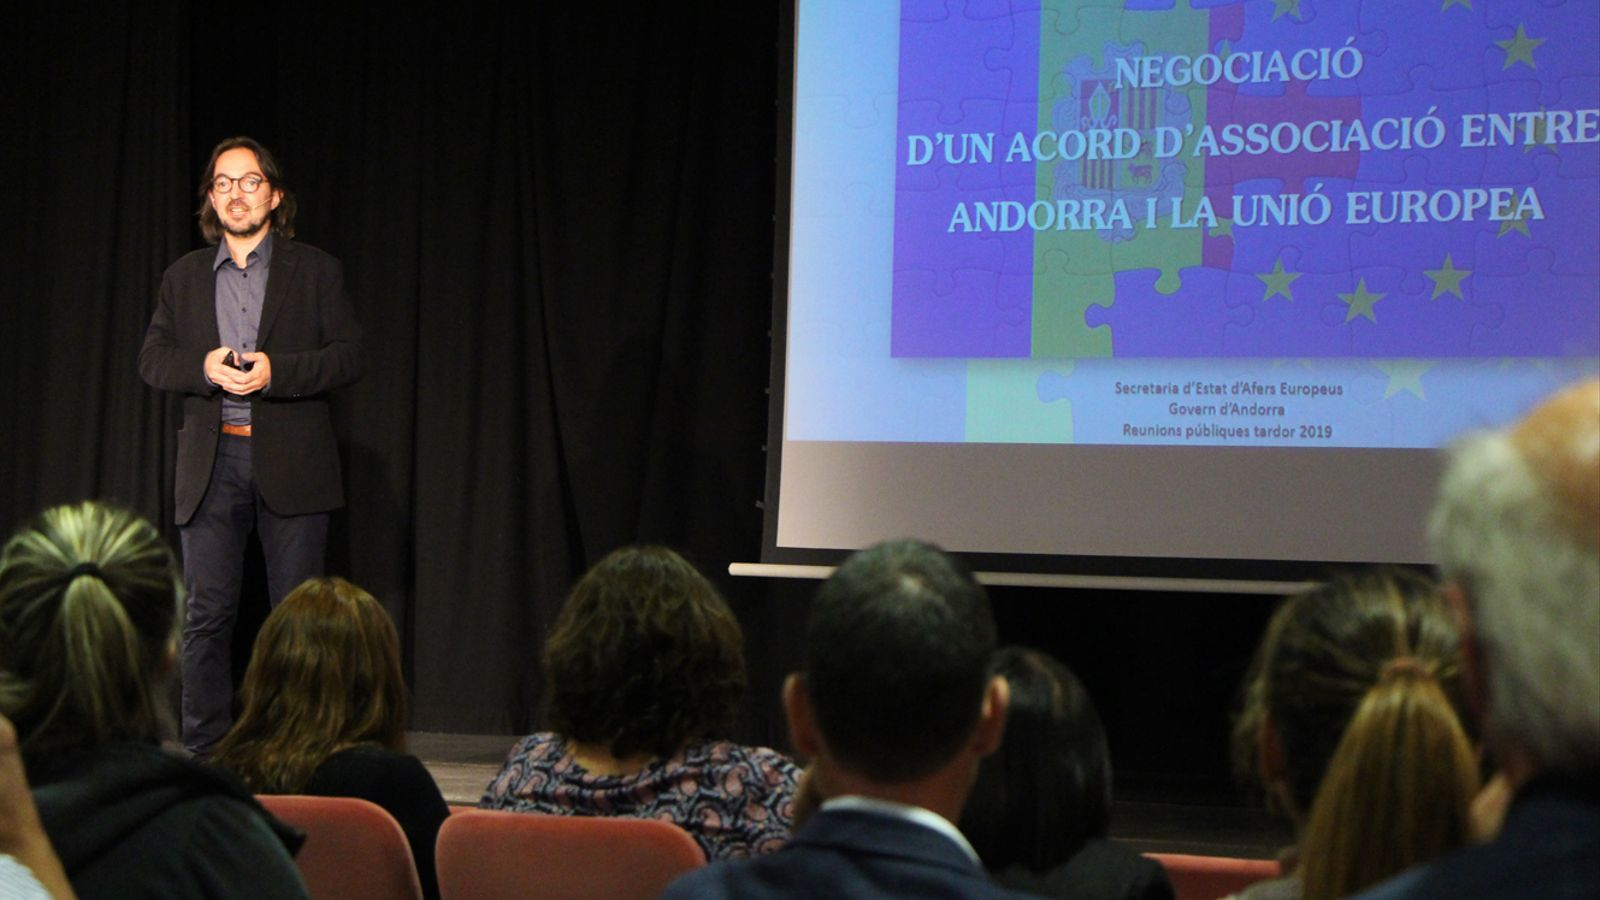 Reunió de poble a Canillo per parlar sobre l'acord d'associació. / T. N. (ANA)